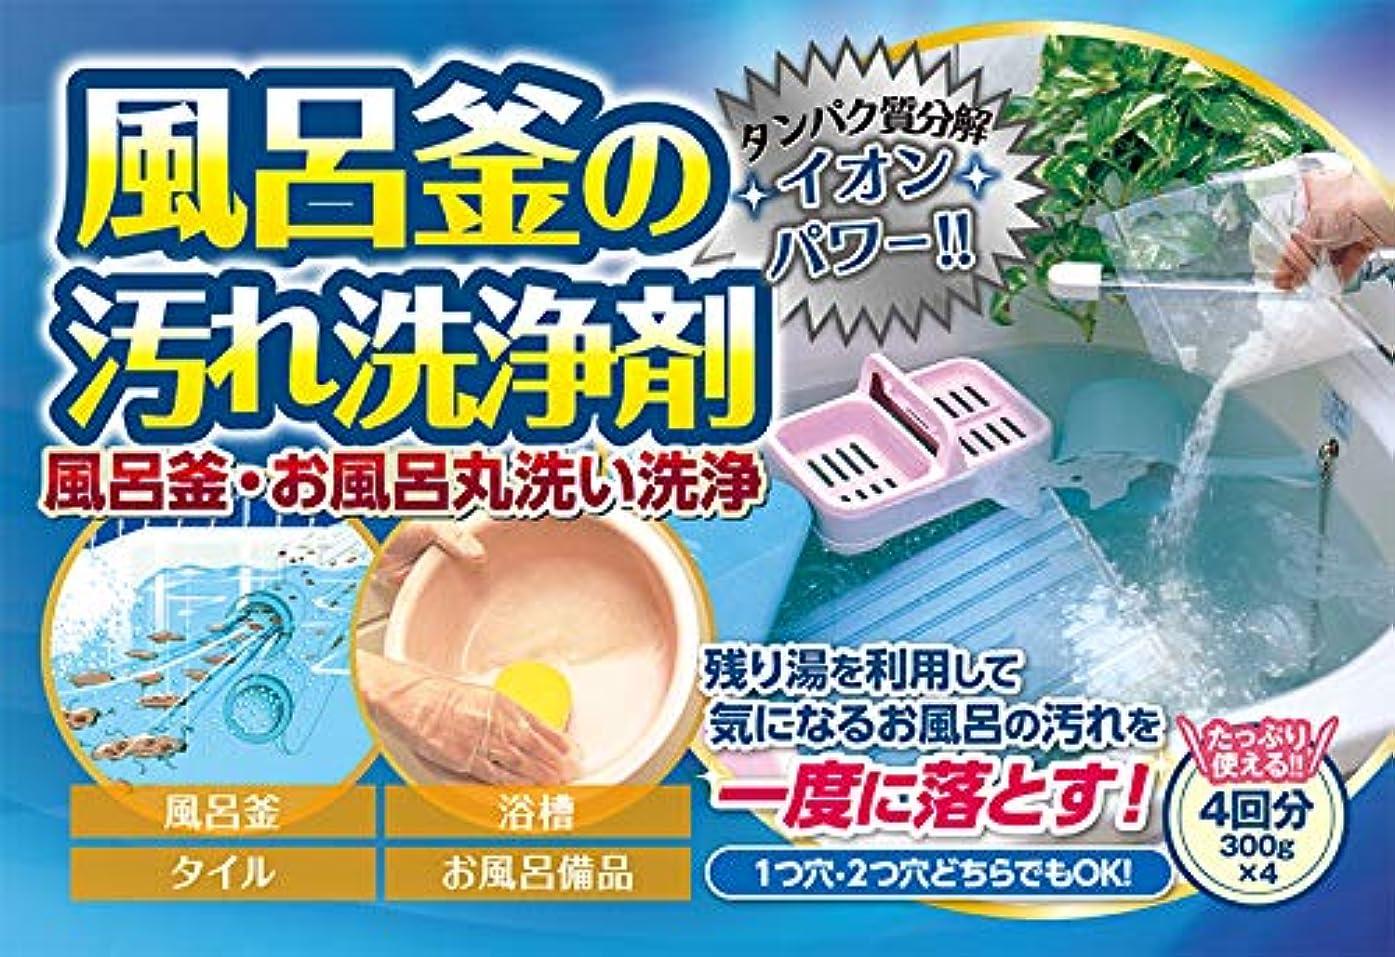 ショートカット猫背スキッパー日本製 風呂釜の汚れ 丸ごと 洗浄剤 300g×4個 お風呂用洗剤 4回分